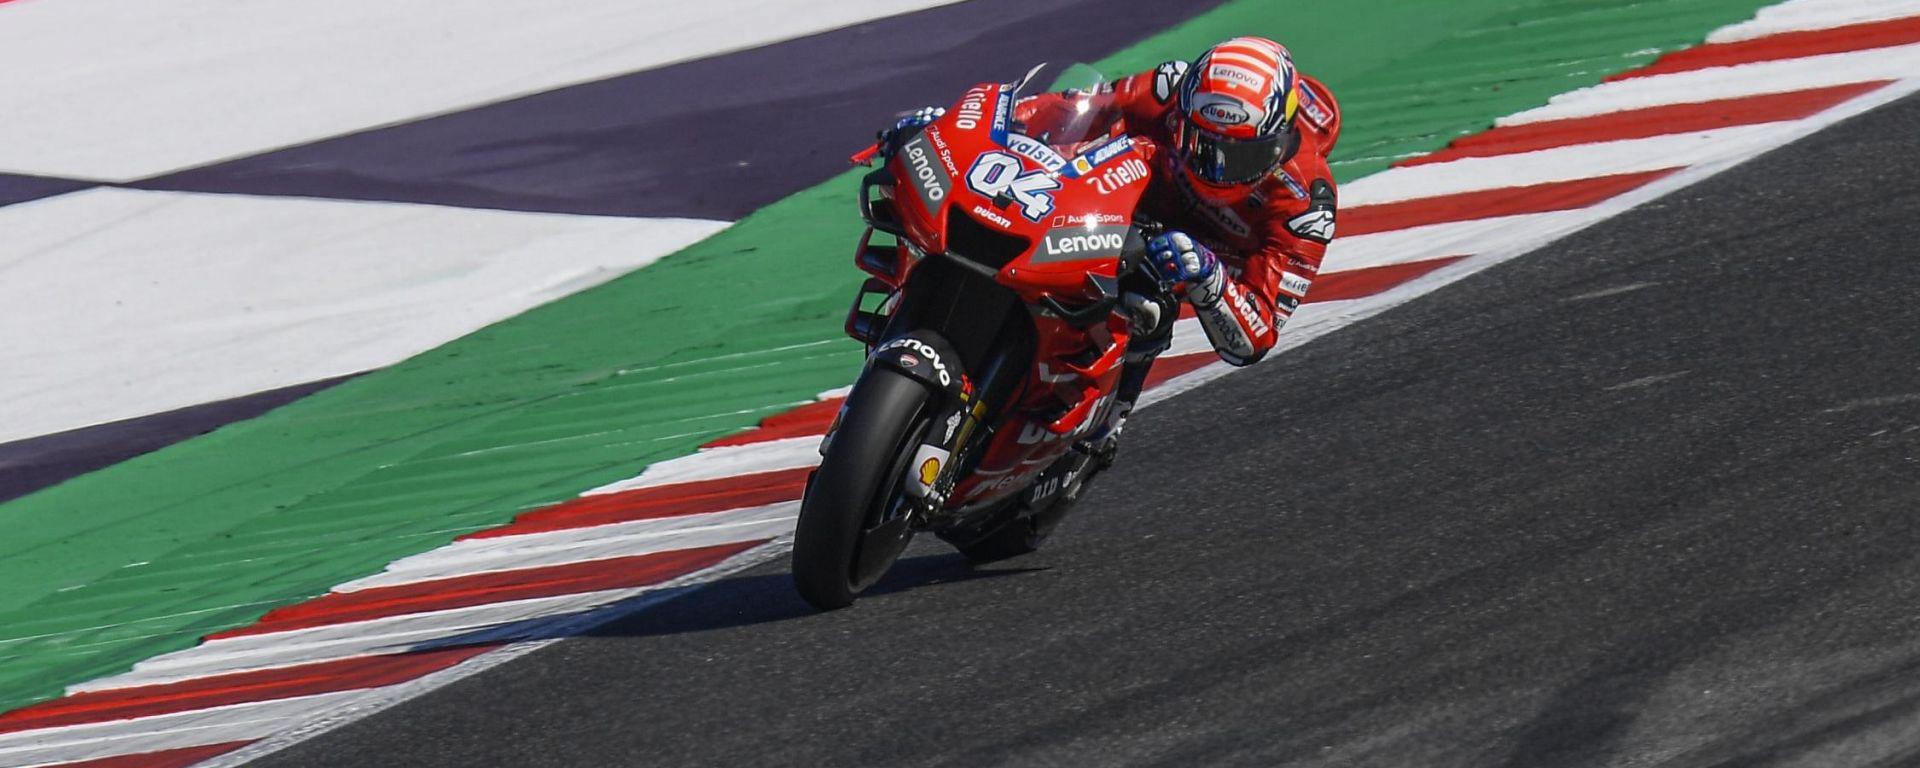 GP San Marino 2019, Misano Adriatico: Andrea Dovizioso (Ducati)